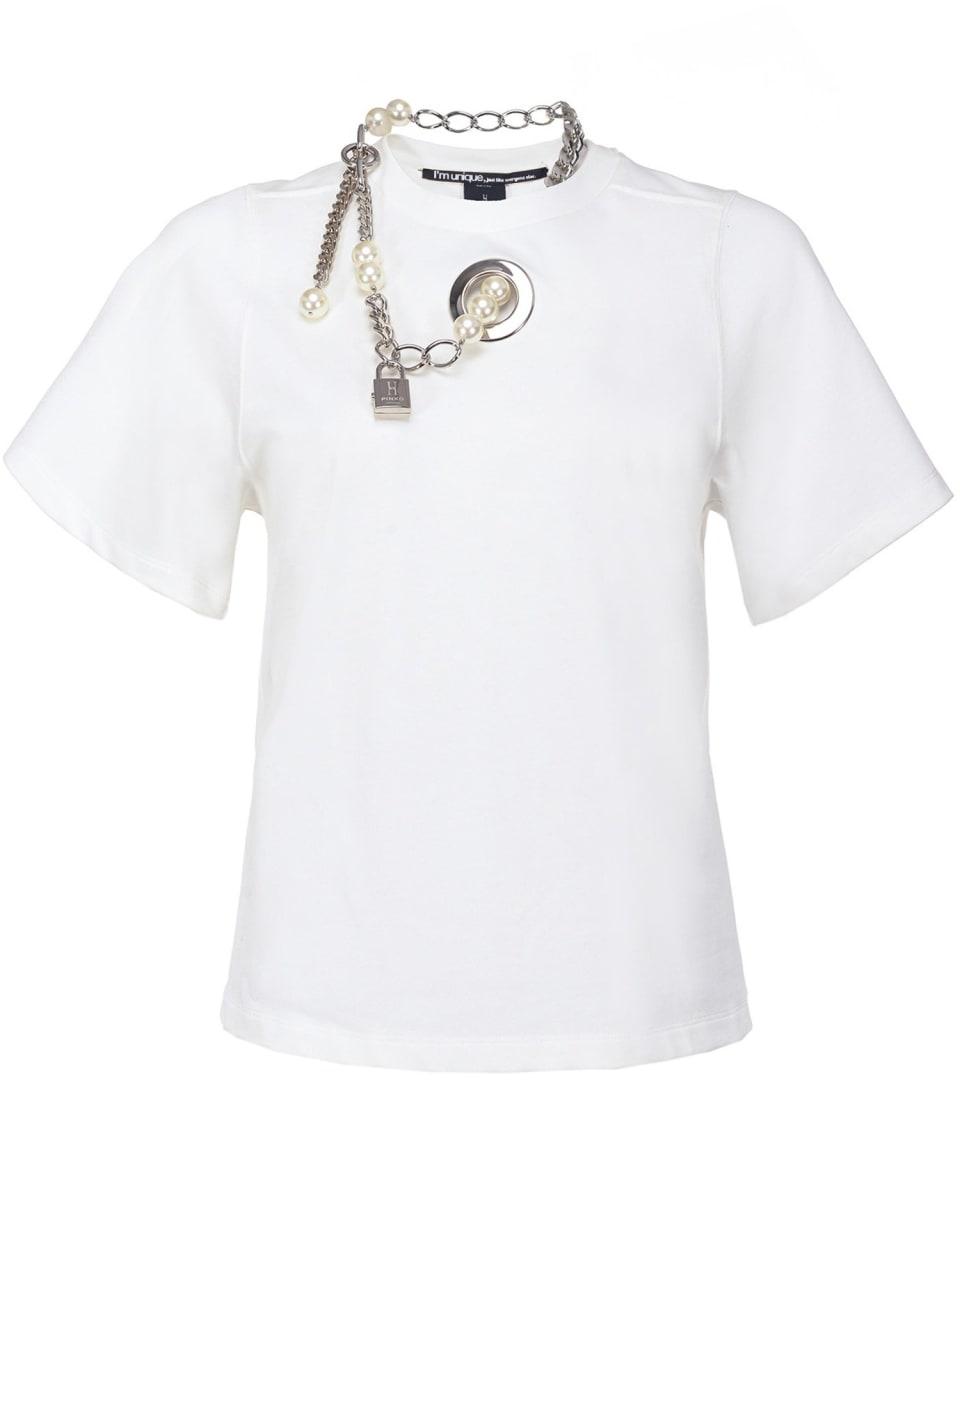 T-shirt avec perles